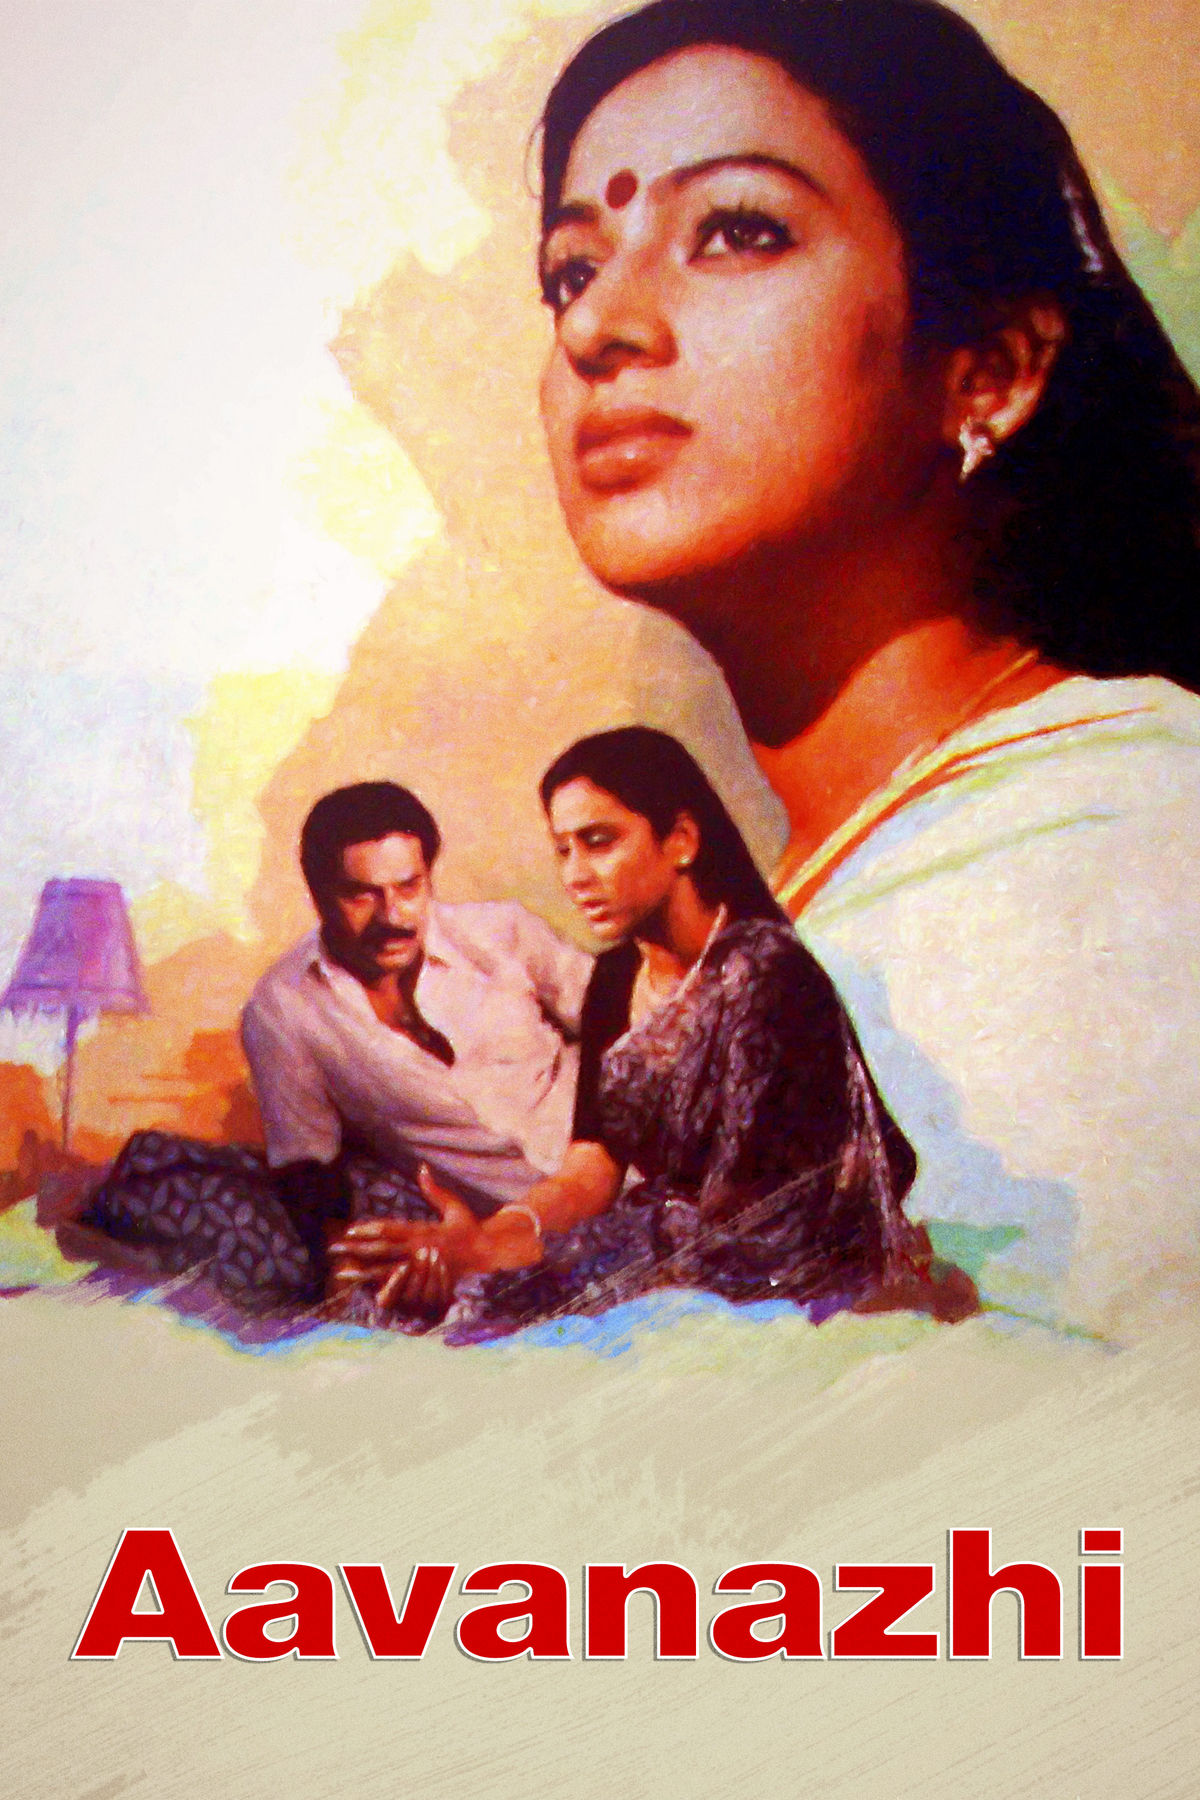 Aavanazhi